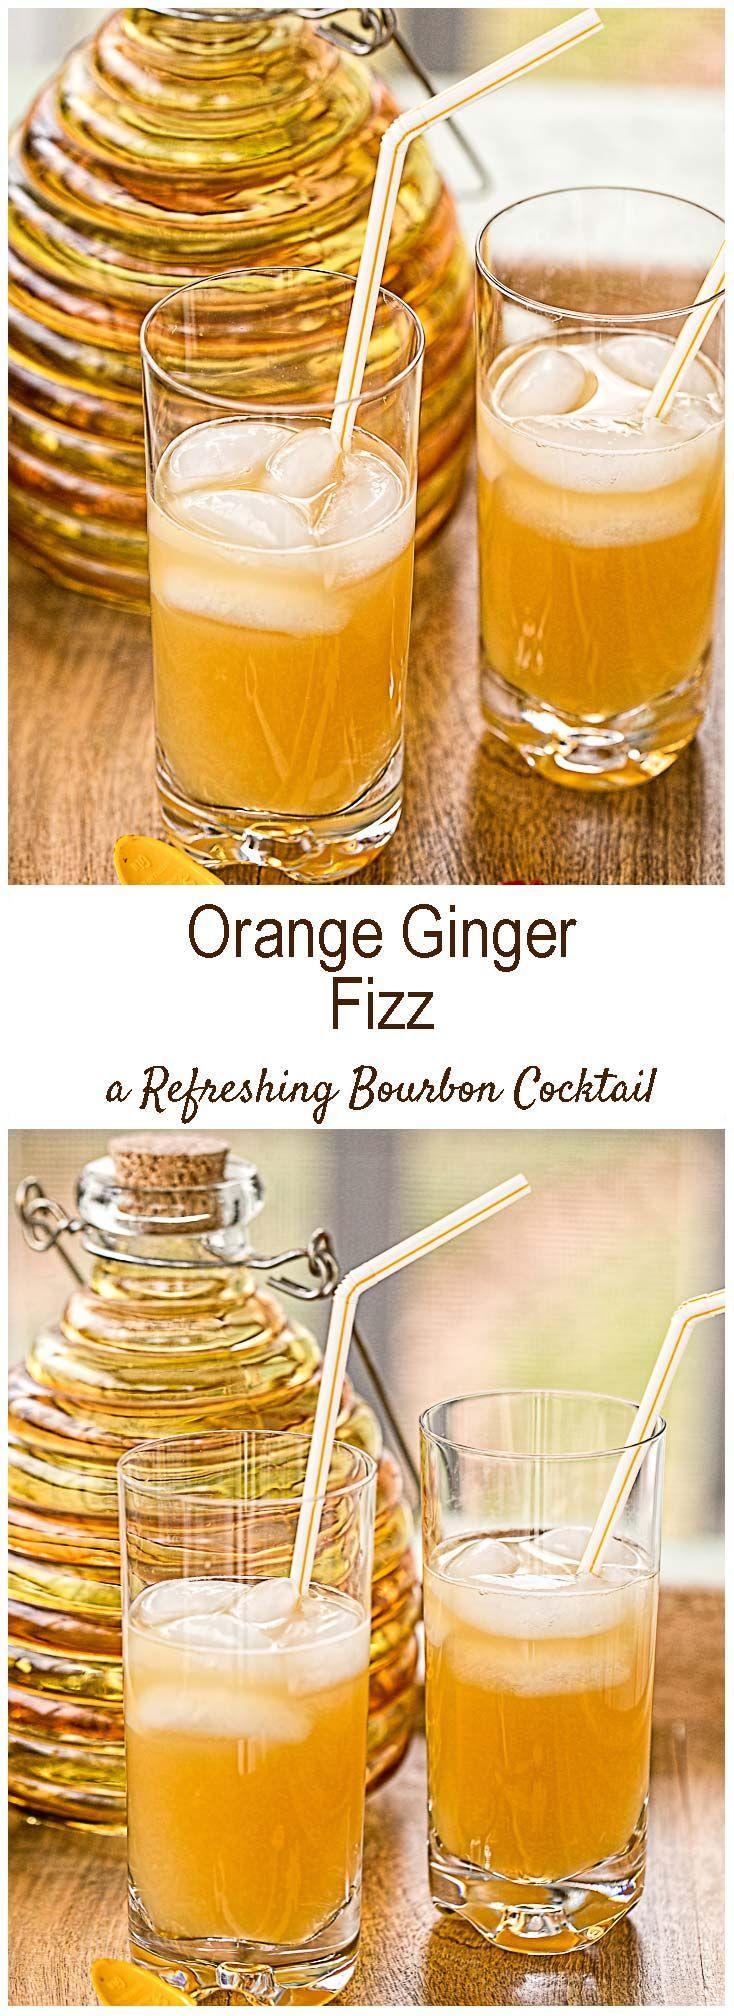 Ginger Beer Cocktails - Orange Ginger Fizz!